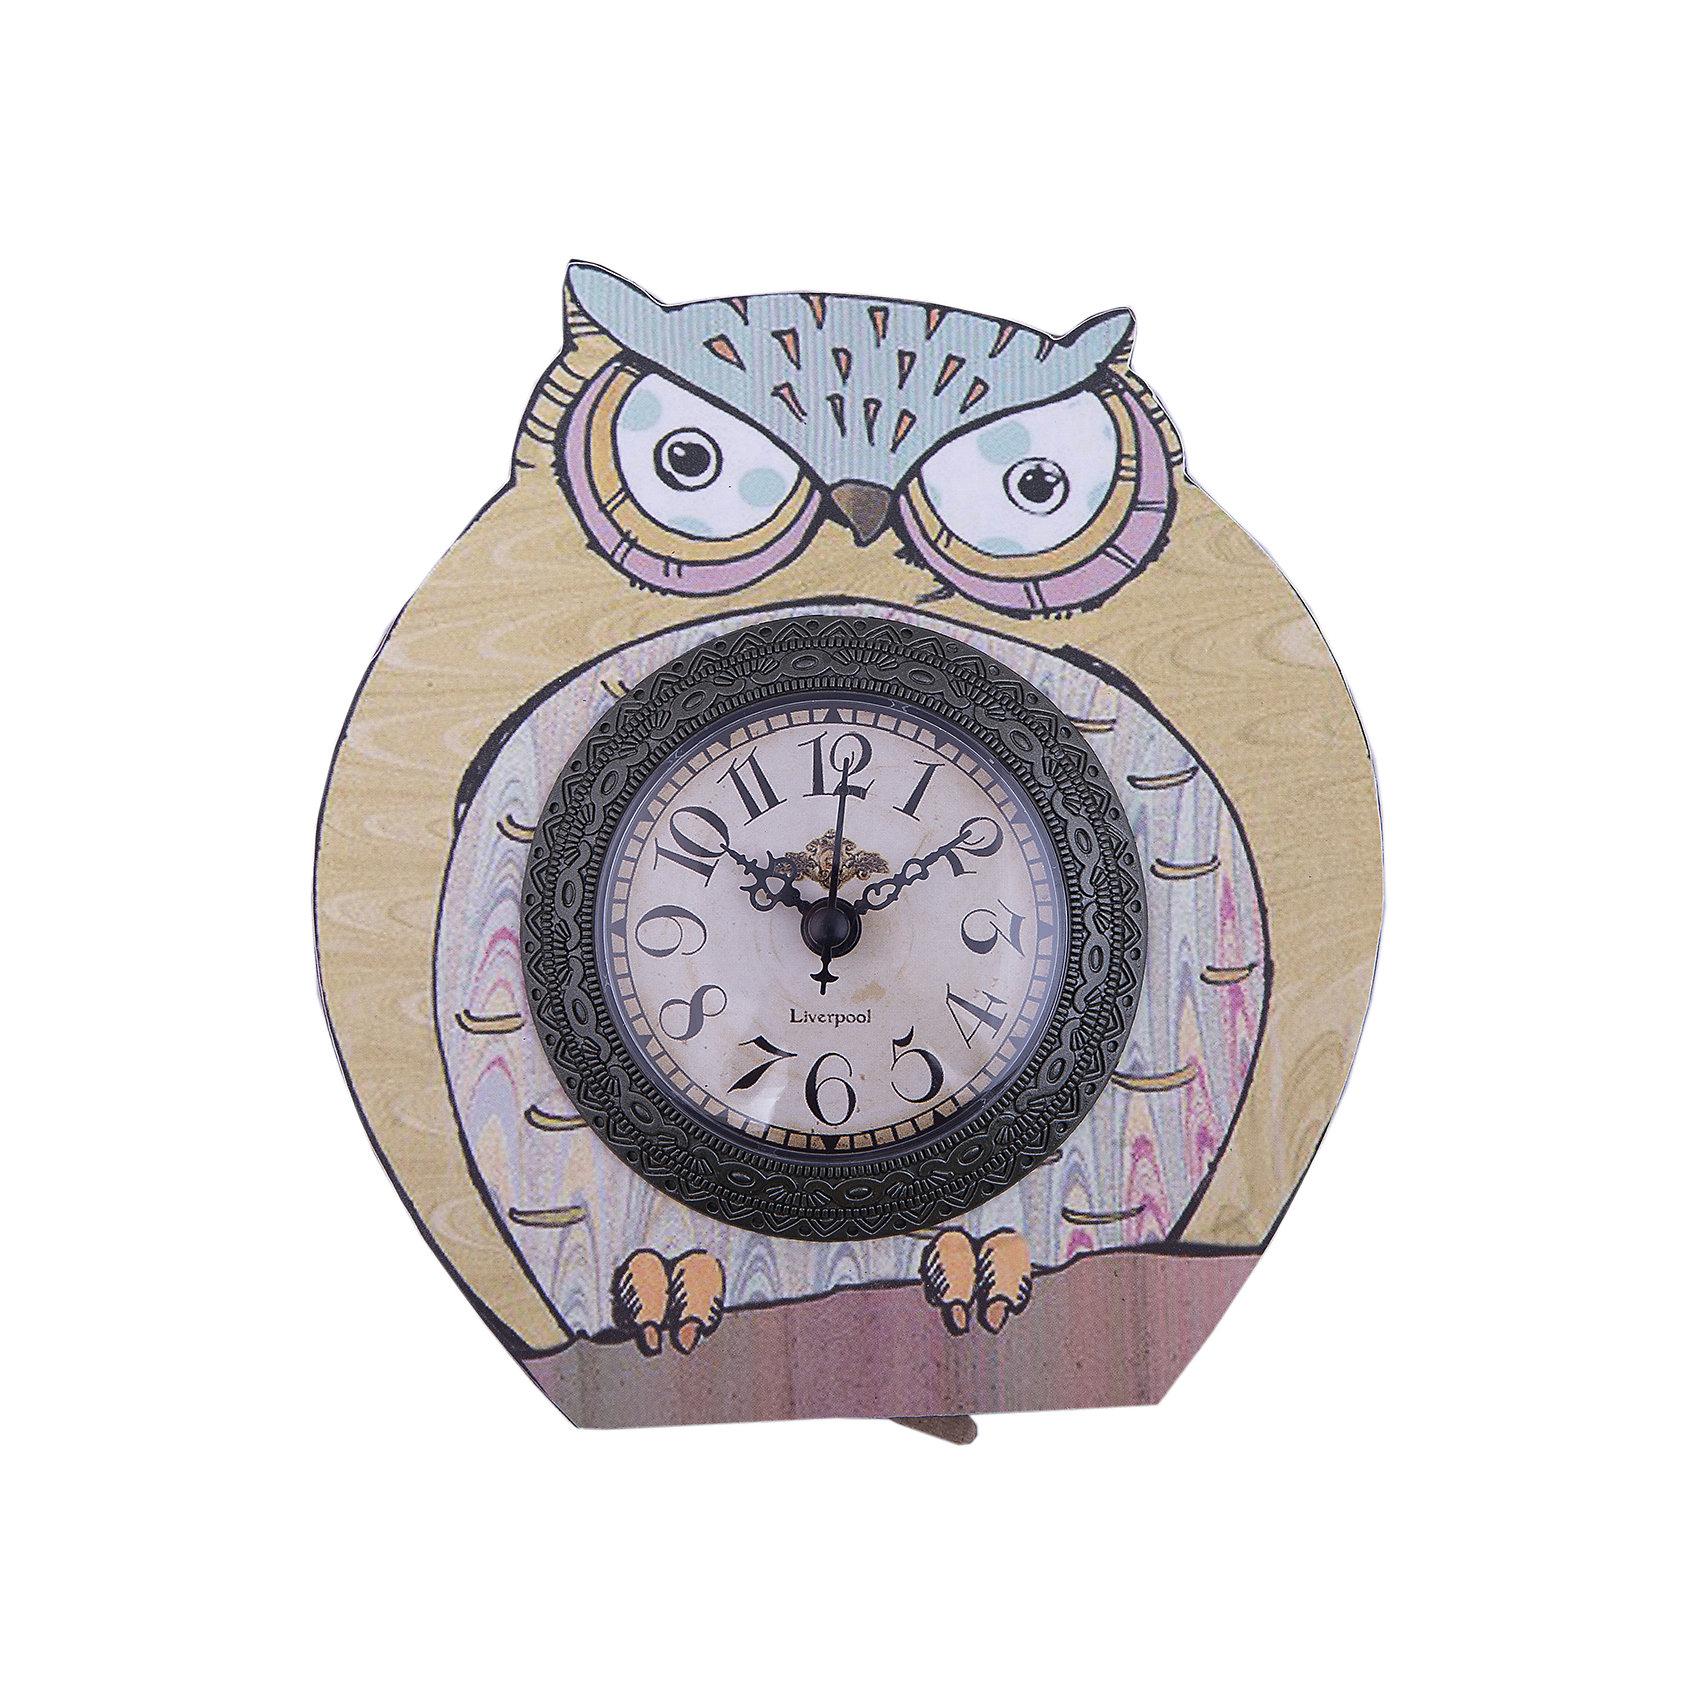 Часы настольные Мудрый филин кварцевые, с циферблатом, Феникс-ПрезентДетские предметы интерьера<br>Часы настольные Мудрый филин кварцевые, с циферблатом, Феникс-Презент<br><br>Характеристики:<br><br>• выполнены в виде филина<br>• яркий рисунок<br>• тип часов: кварцевые<br>• размер: 17х22 см<br>• материал: МДФ<br>• батарейки: АА - 1 шт. (не входит в комплект)<br><br>Мудрый филин - настольные часы от Феникс-Презент. Они изготовлены из экологически чистых материалов и выполнены в виде филина. На циферблате расположены 3 стрелки: минутная, часовая и секундная. Часы станут приятным дополнением к интерьеру комнаты.<br><br>Часы настольные Мудрый филин кварцевые, с циферблатом, Феникс-Презент можно купить в нашем интернет-магазине.<br><br>Ширина мм: 170<br>Глубина мм: 220<br>Высота мм: 170<br>Вес г: 183<br>Возраст от месяцев: 120<br>Возраст до месяцев: 2147483647<br>Пол: Унисекс<br>Возраст: Детский<br>SKU: 5449701